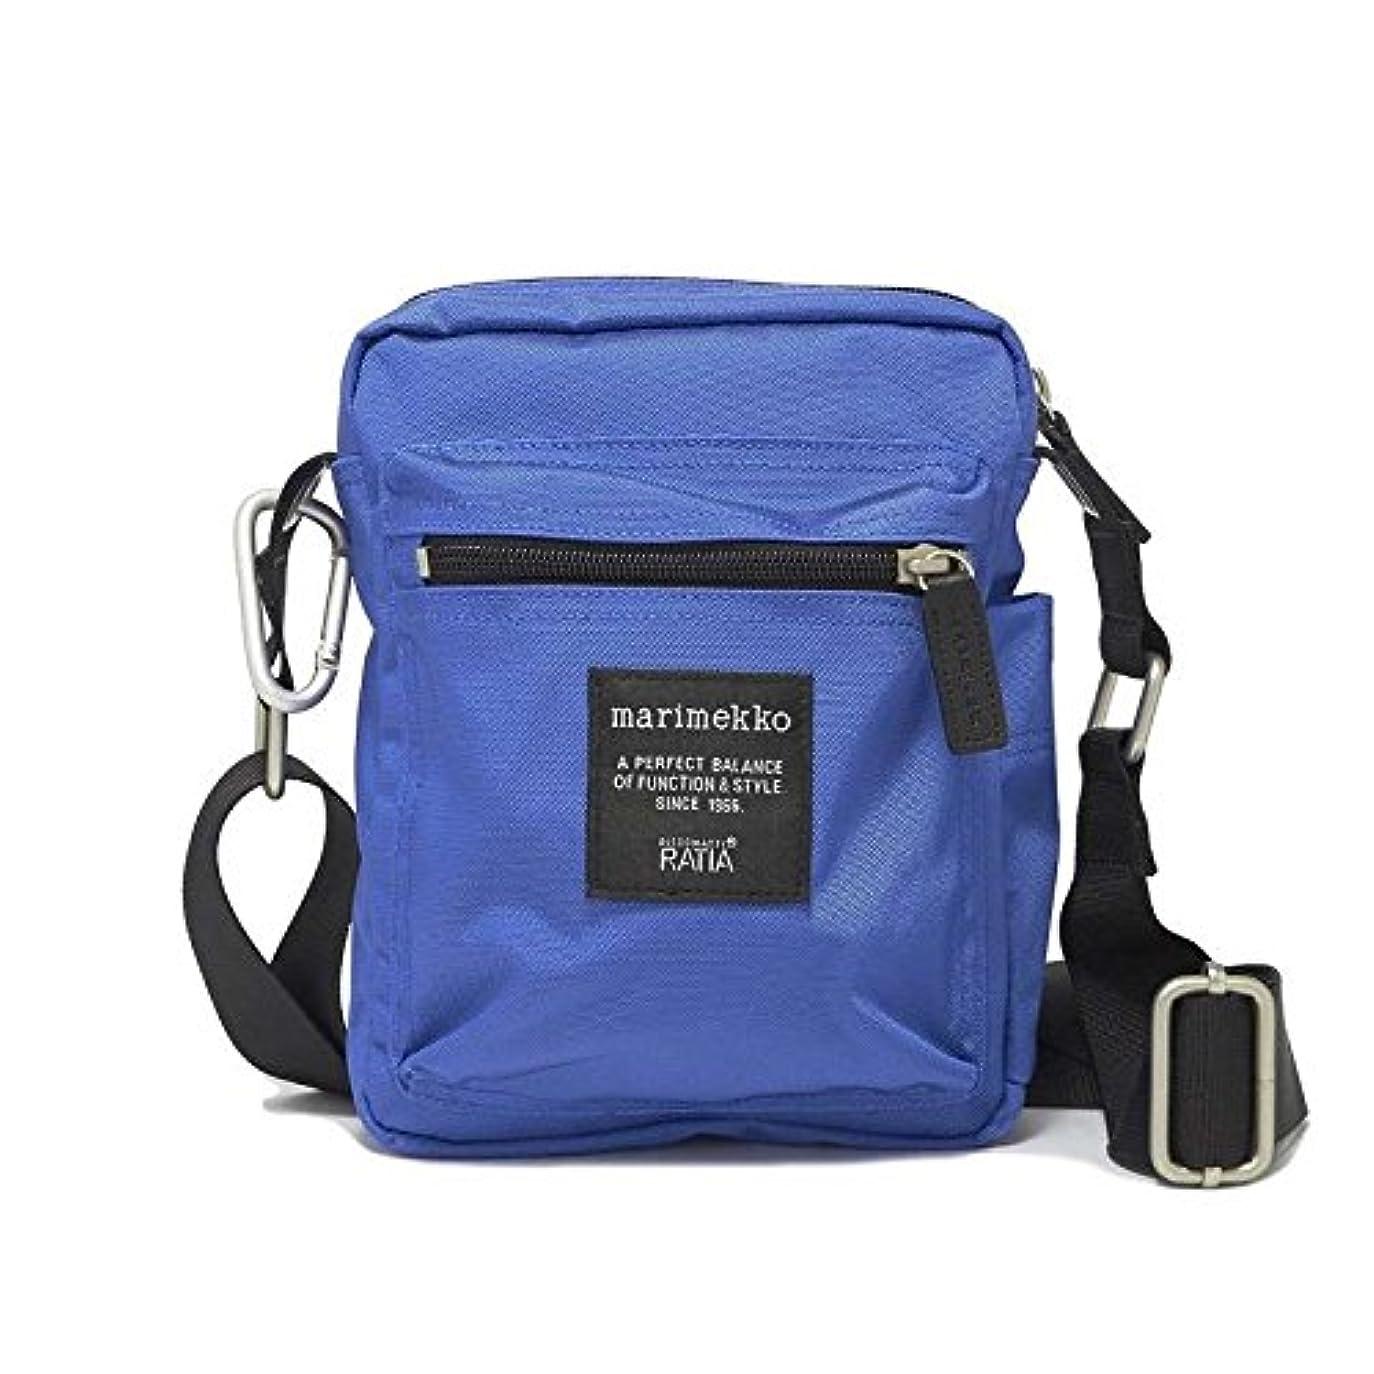 恵み宿る百年Marimekko ショルダーバッグ CASH CARRY BAG 046019 レディース BRIGHT BLUE 005 マリメッコ [並行輸入品]